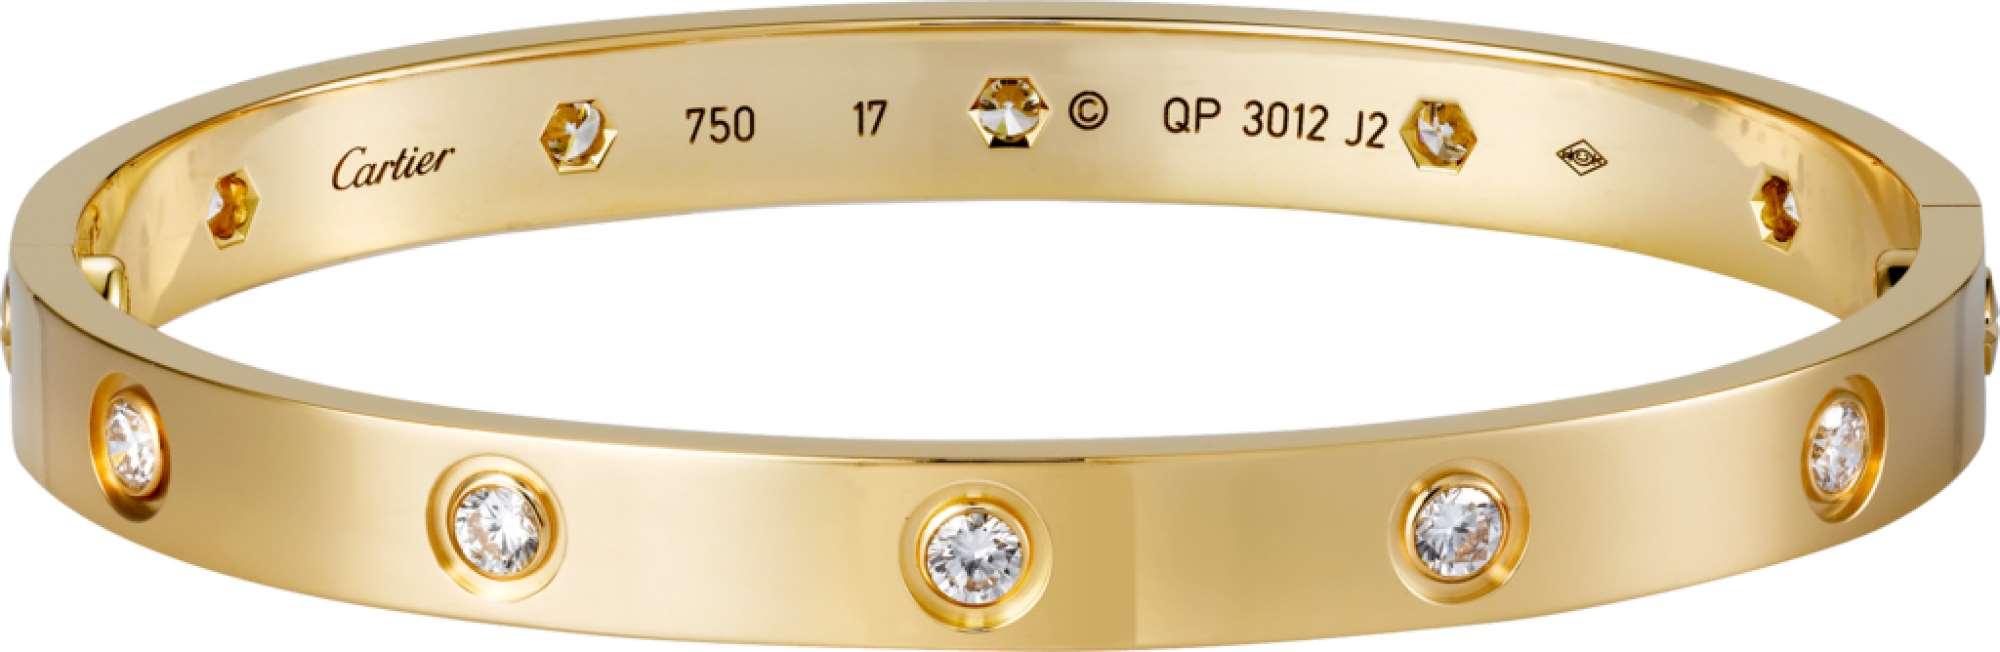 bracelete love cartier dourado